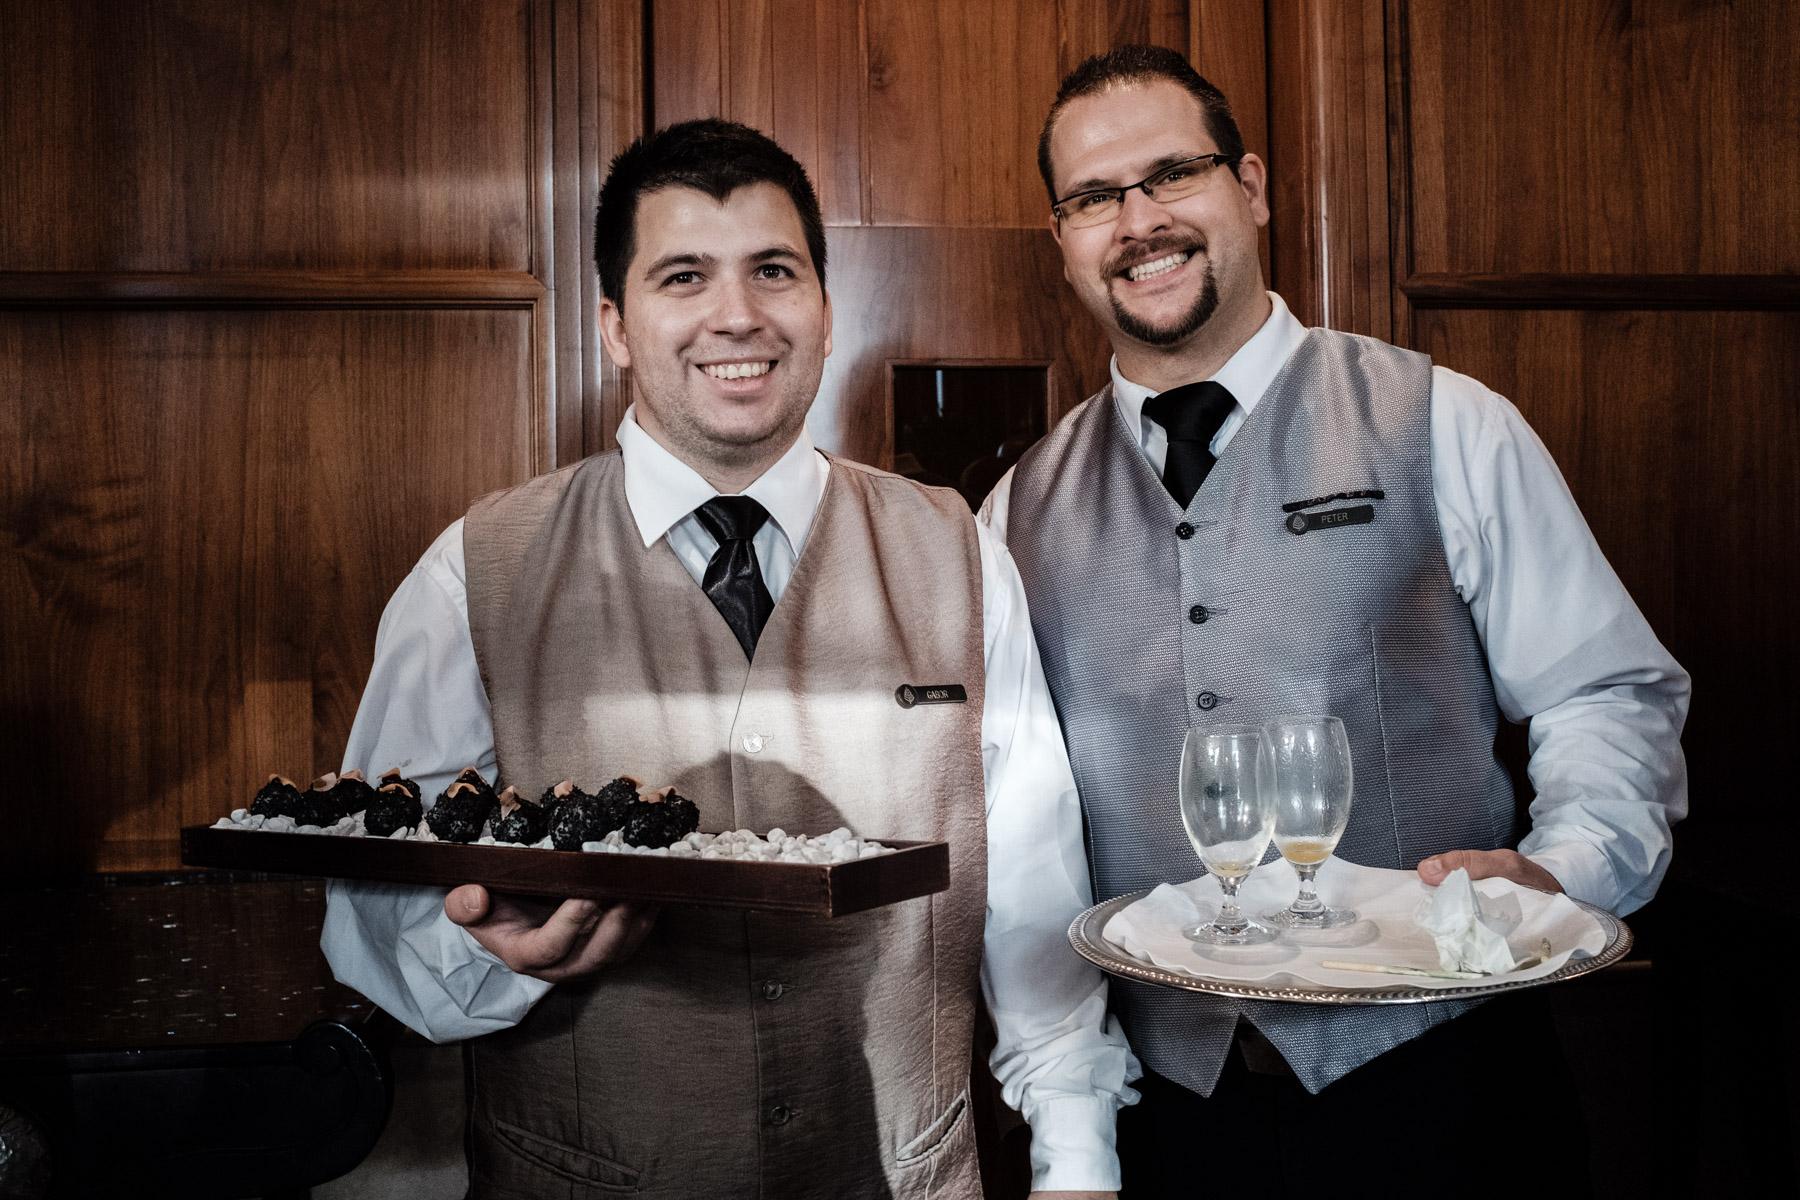 MartinLiebl_Kein_Hochzeitsfotograf_No_Wedding_Photographer_Budapest_Gresham_Palace_031.jpg